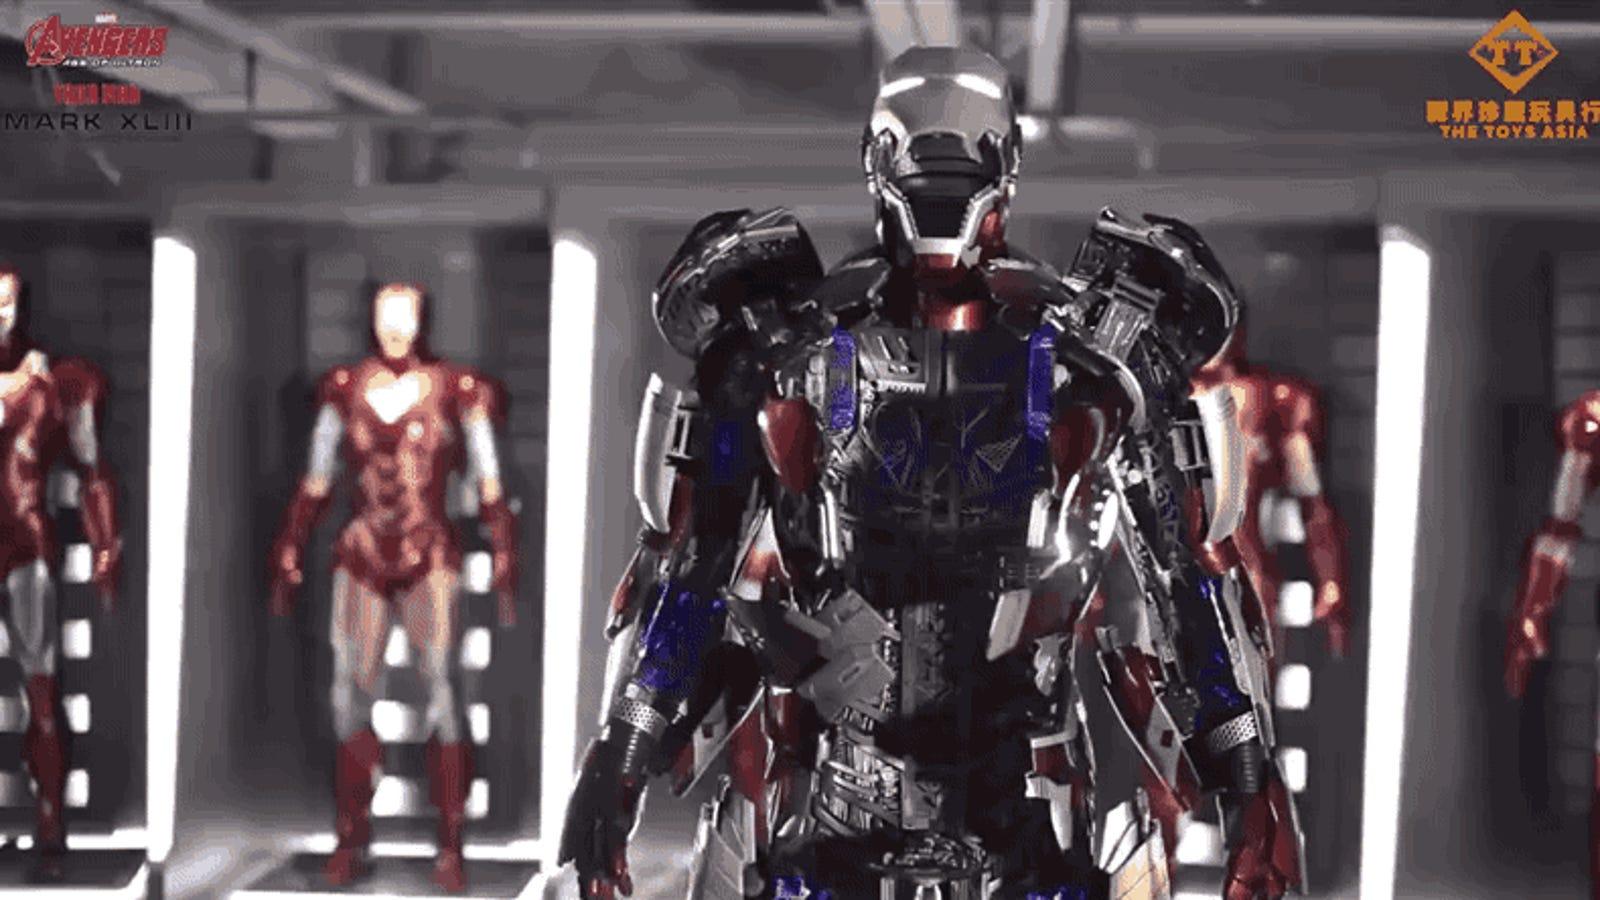 Fabrican una réplica exacta de la armadura de Iron Man que cuesta $360.000 y no te puedes poner